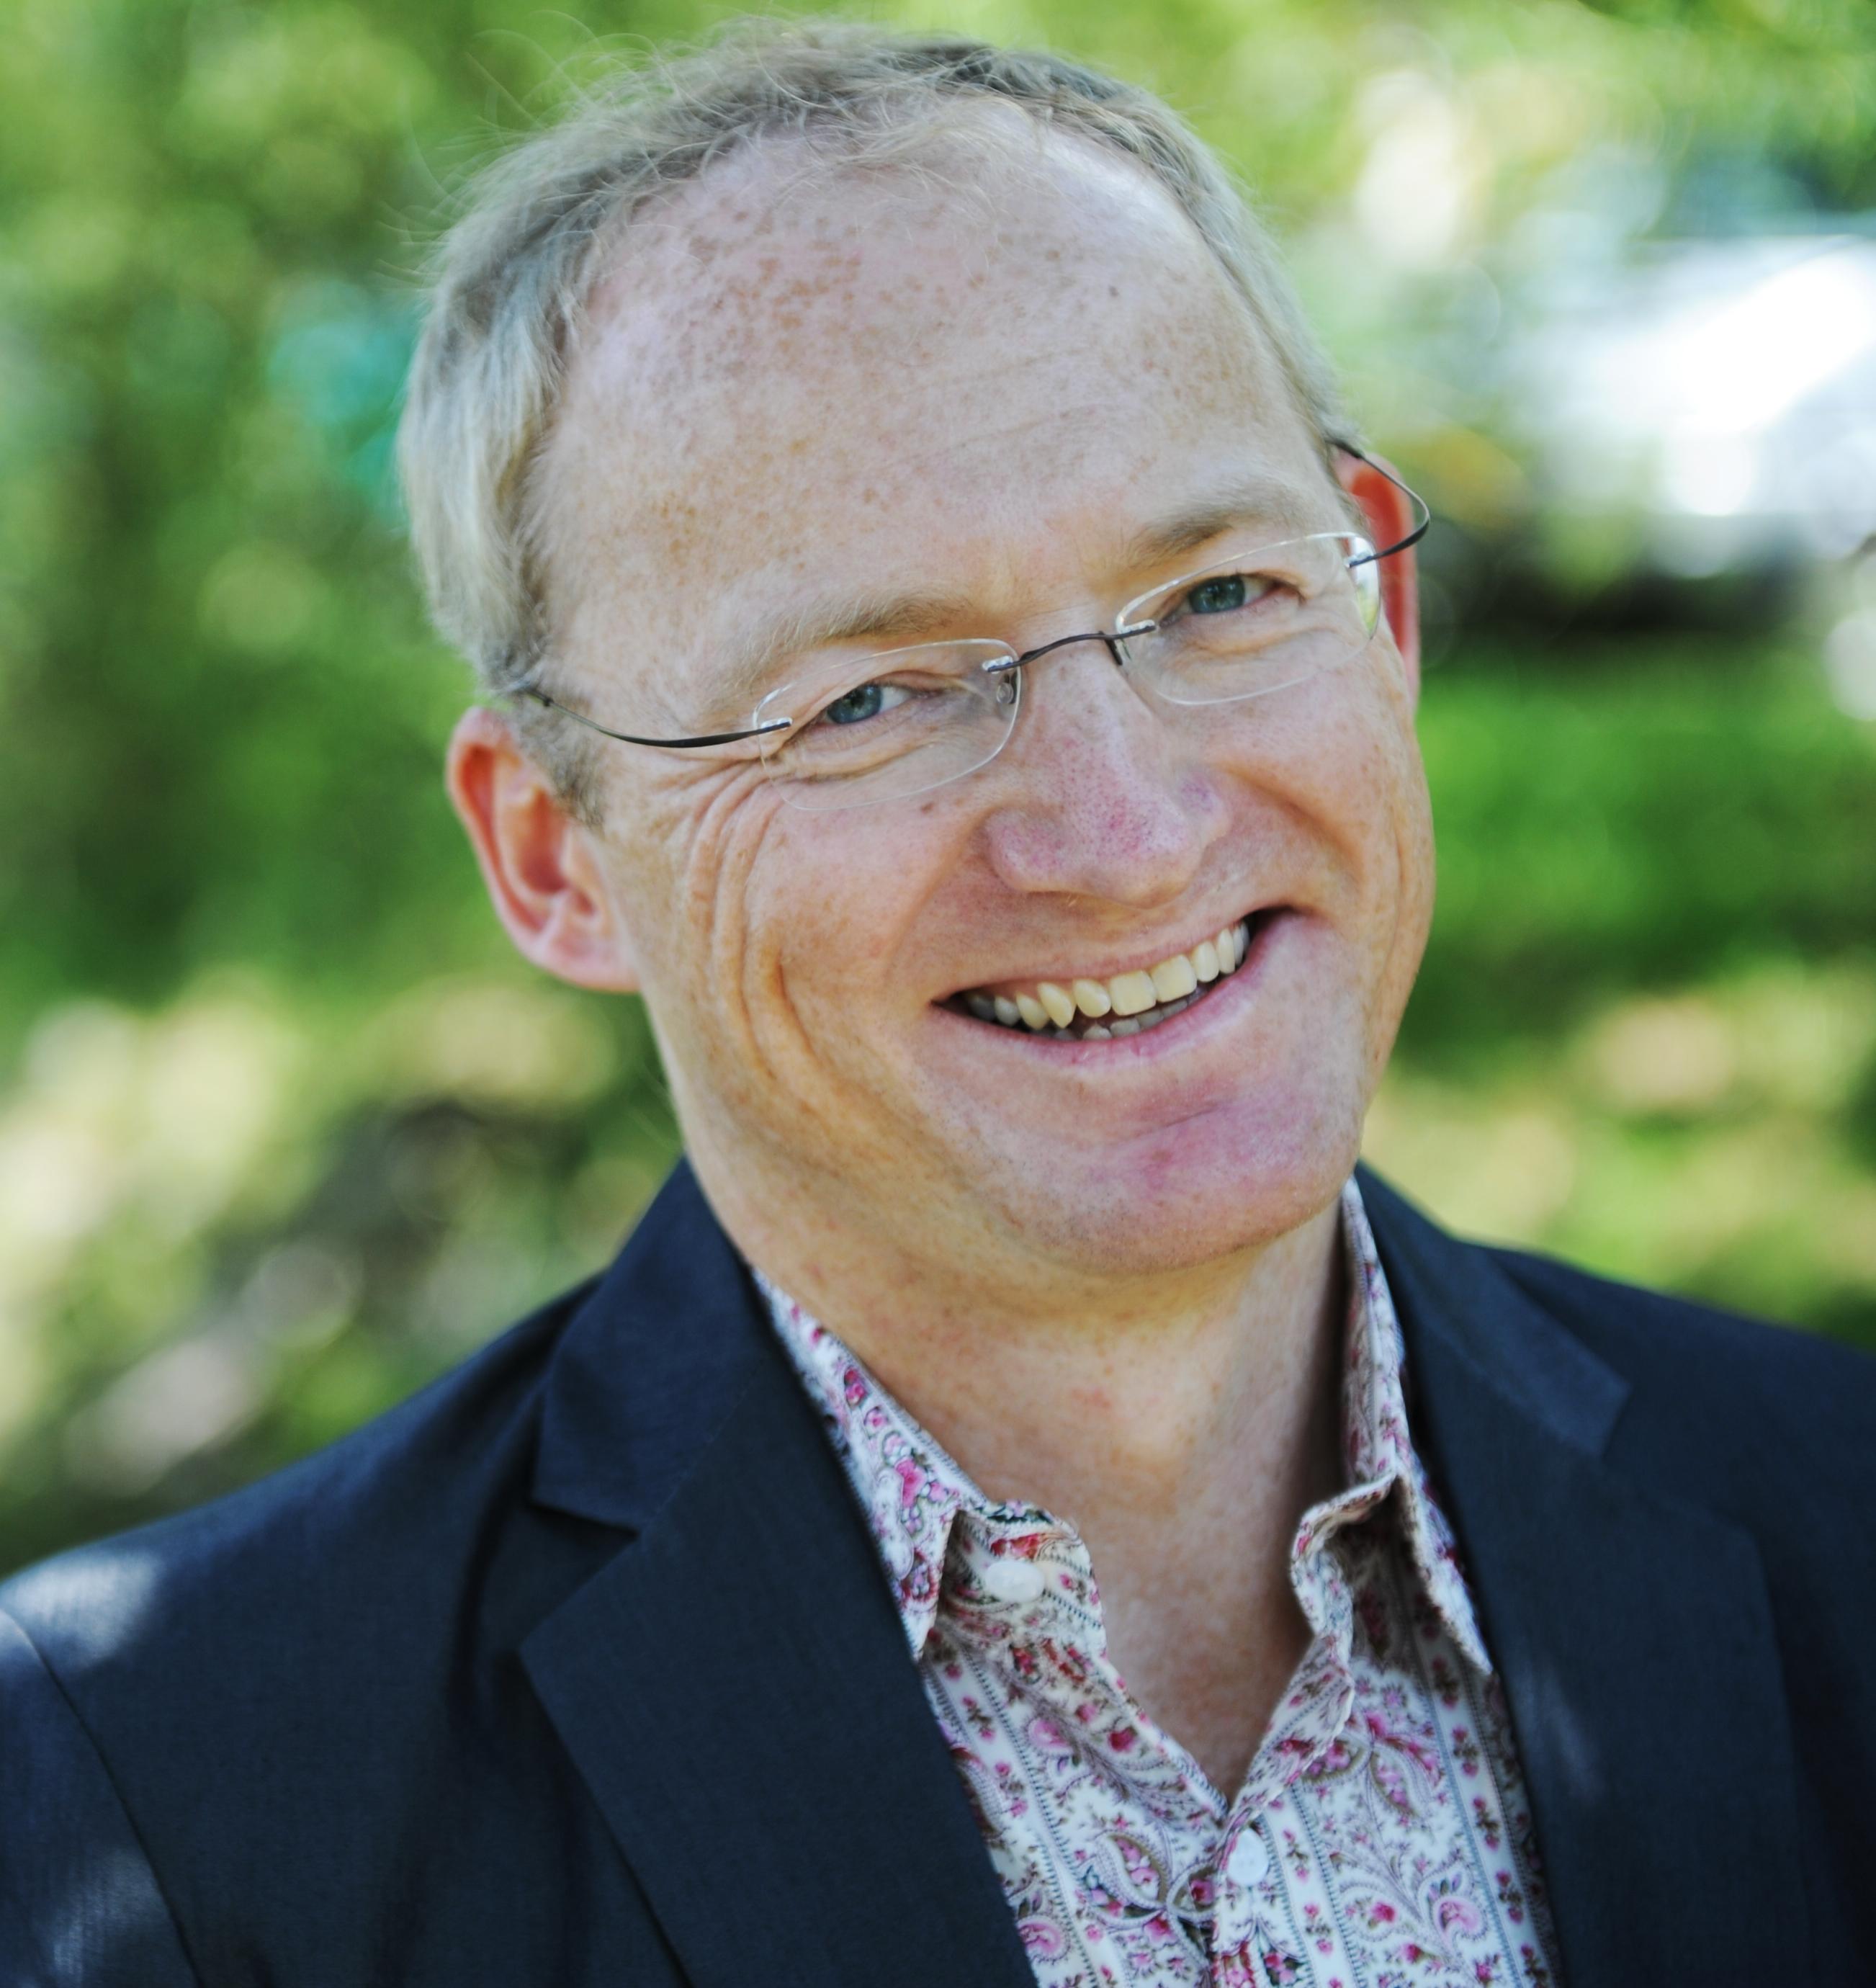 Porträt von KI-Forscher Toby Walsh